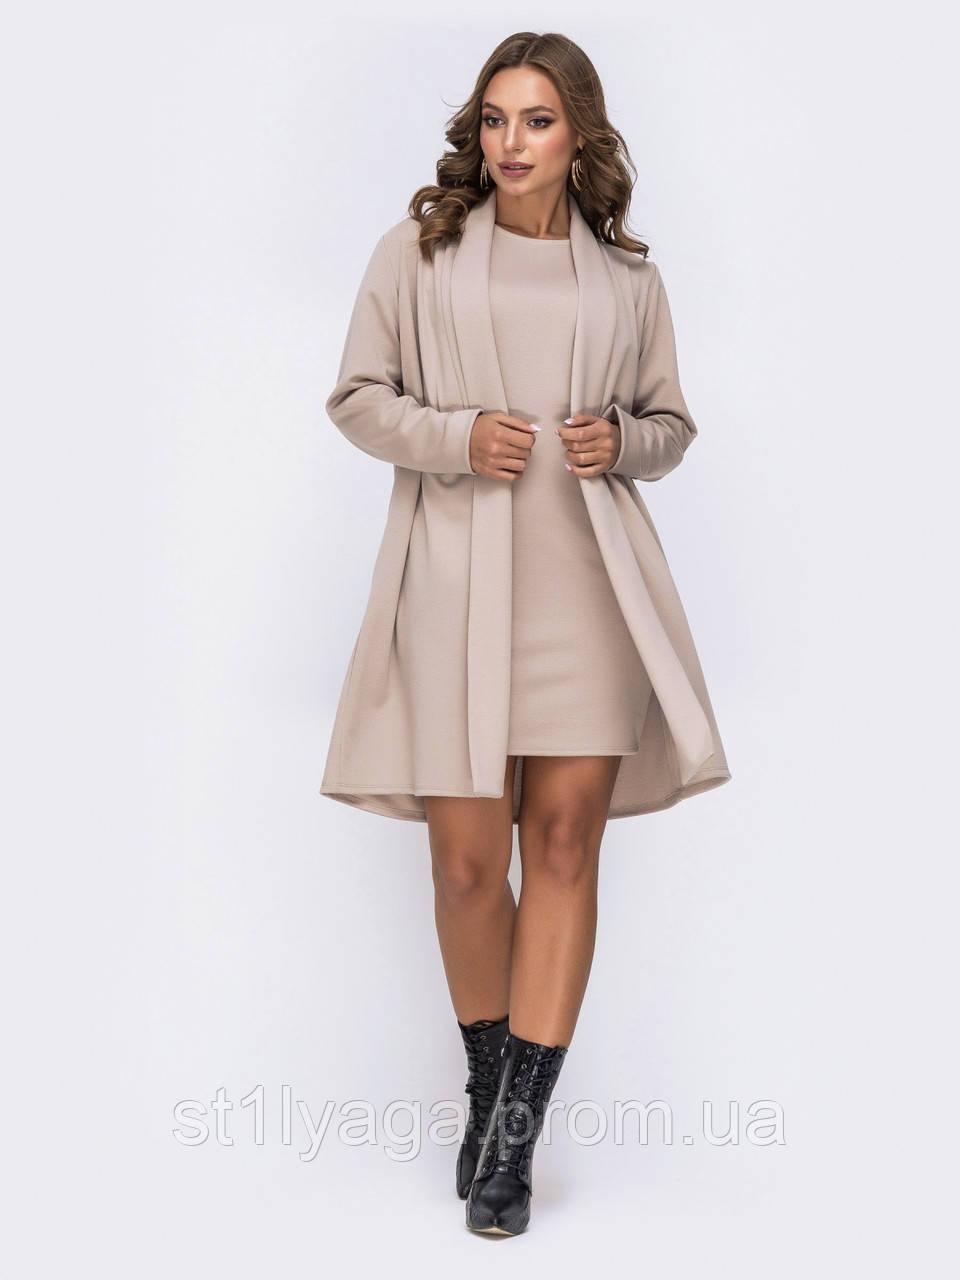 Трикотажный однотонный комплект – двойка платье+кардиган бежевый